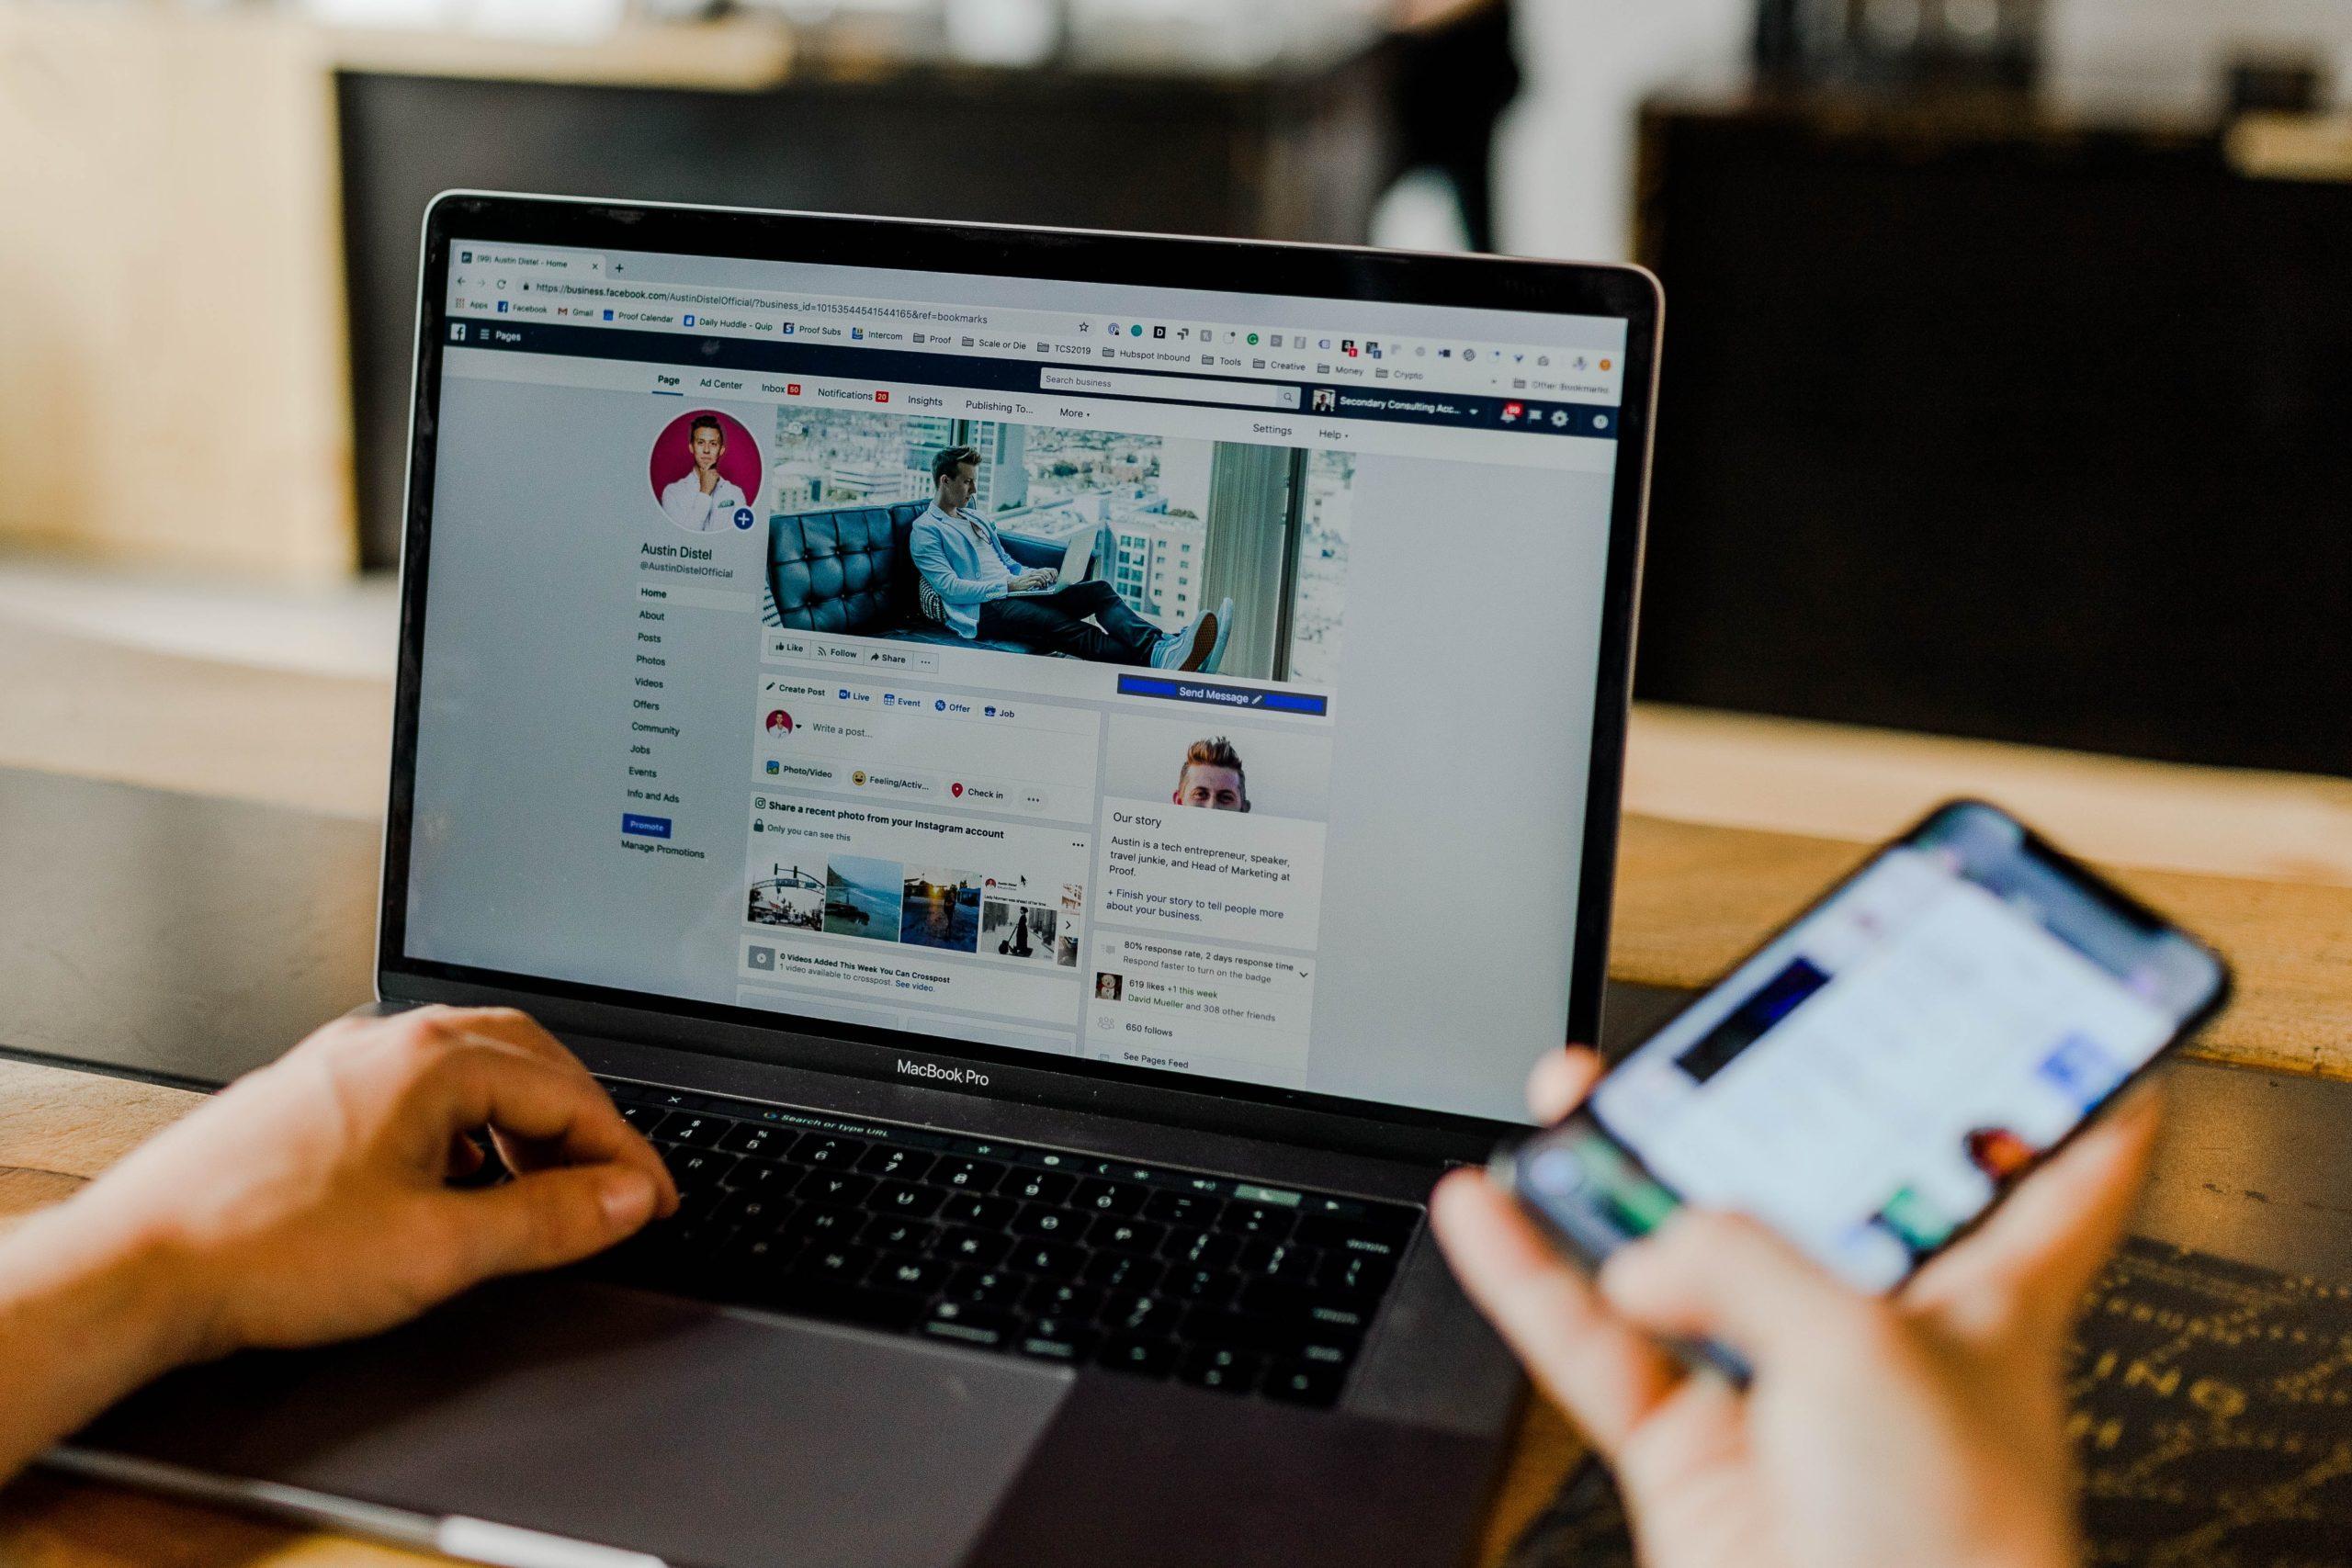 Contoh Foto Ingin Tahu Cara Memasarkan Konten Lewat Sosial Media? Simak Cara Ini! 1